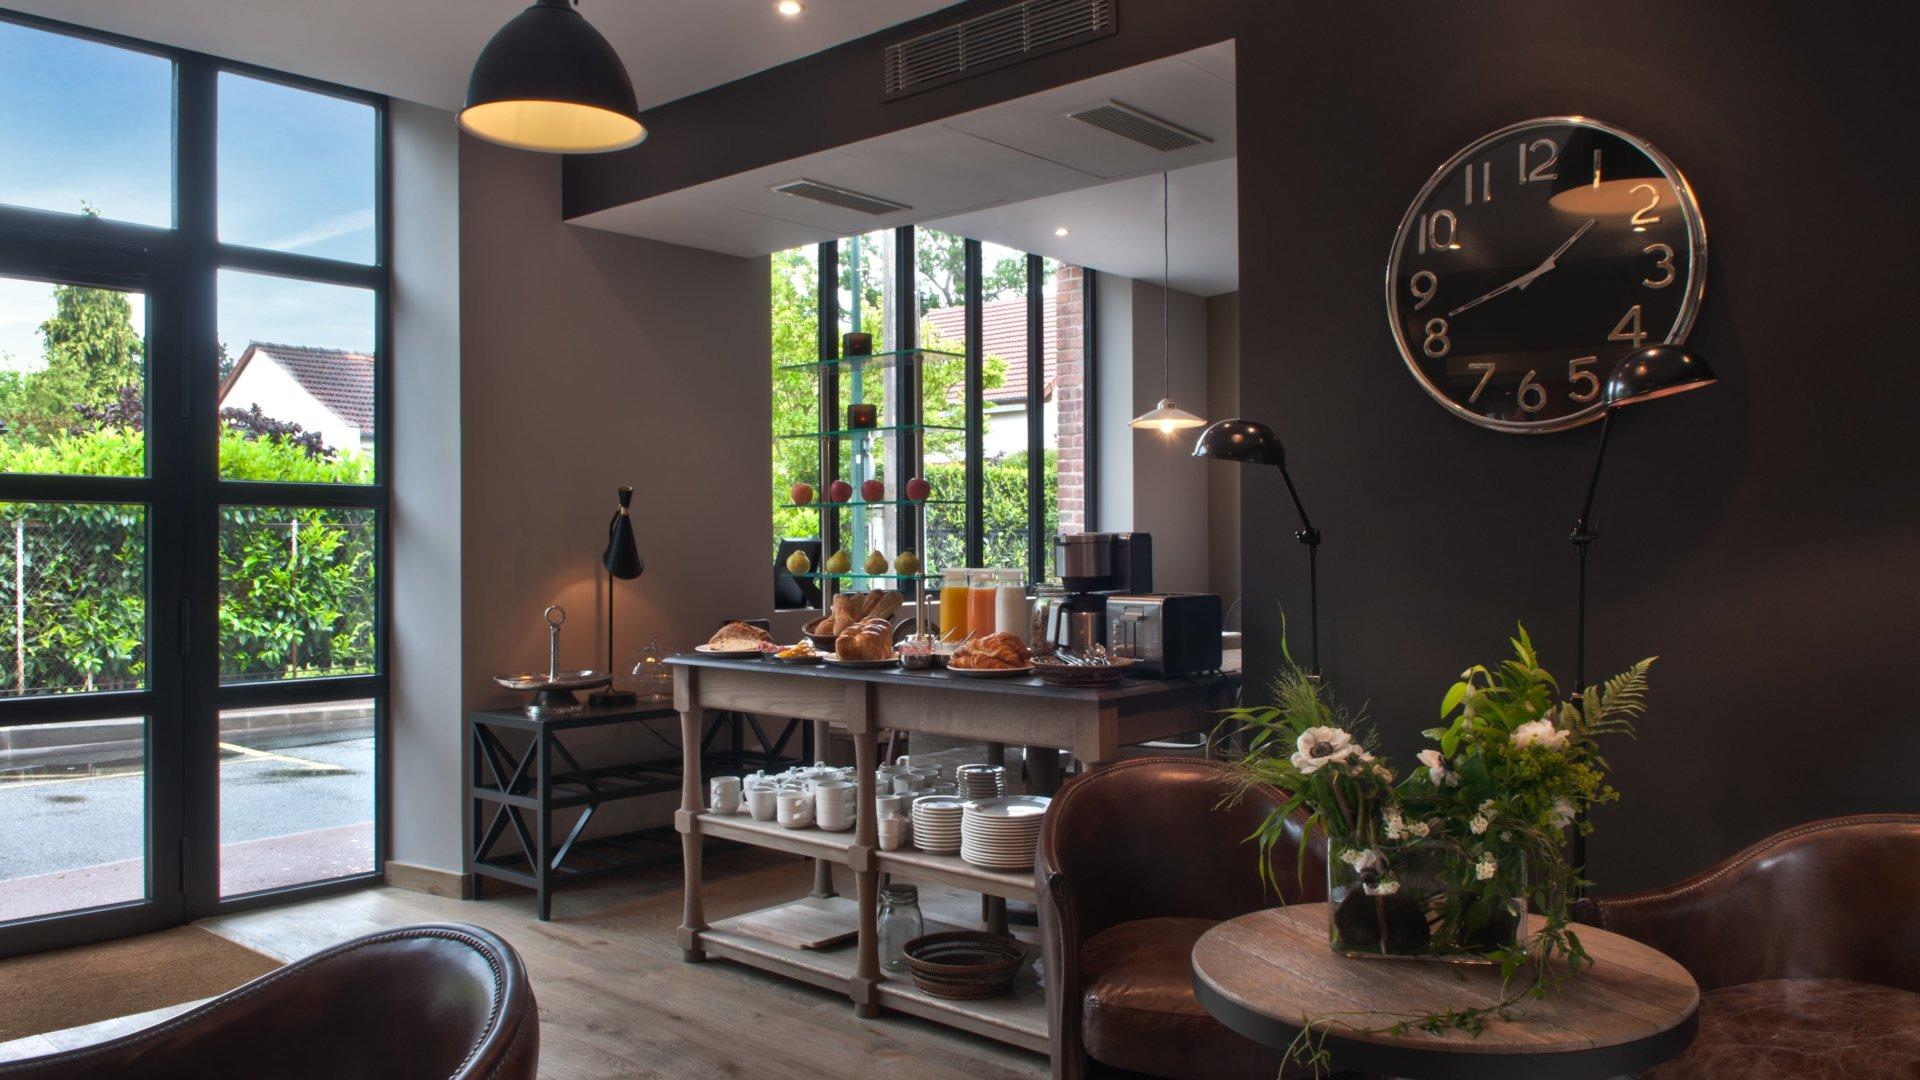 Hôtel Les Terres Blanches - salle petit-déjeuner